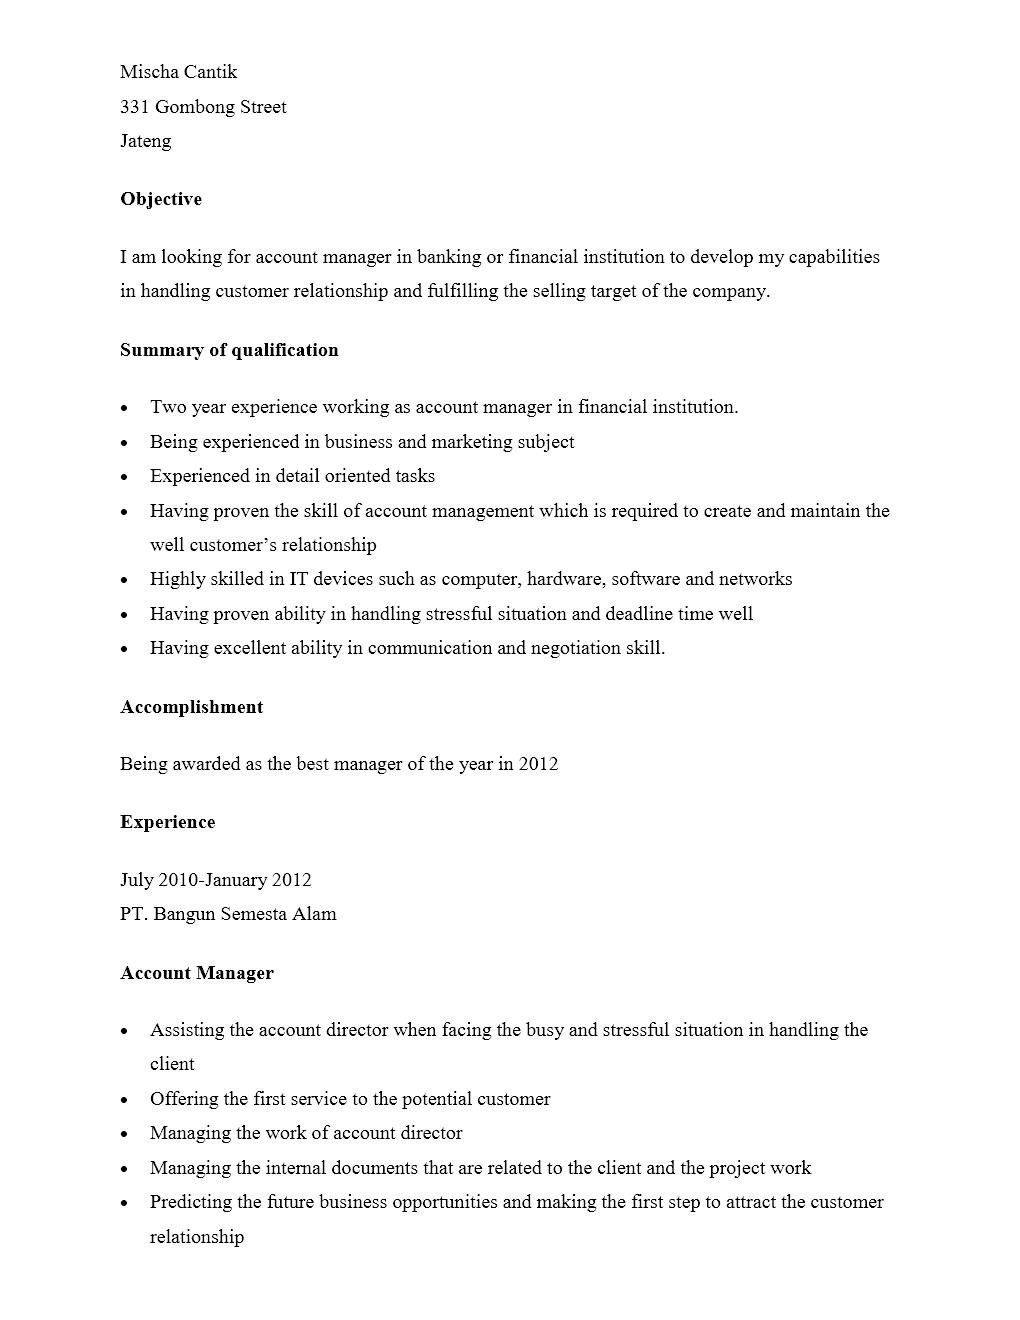 Curriculum Vitae Account Manager dalam Bahasa Inggris Yang Menarik ...